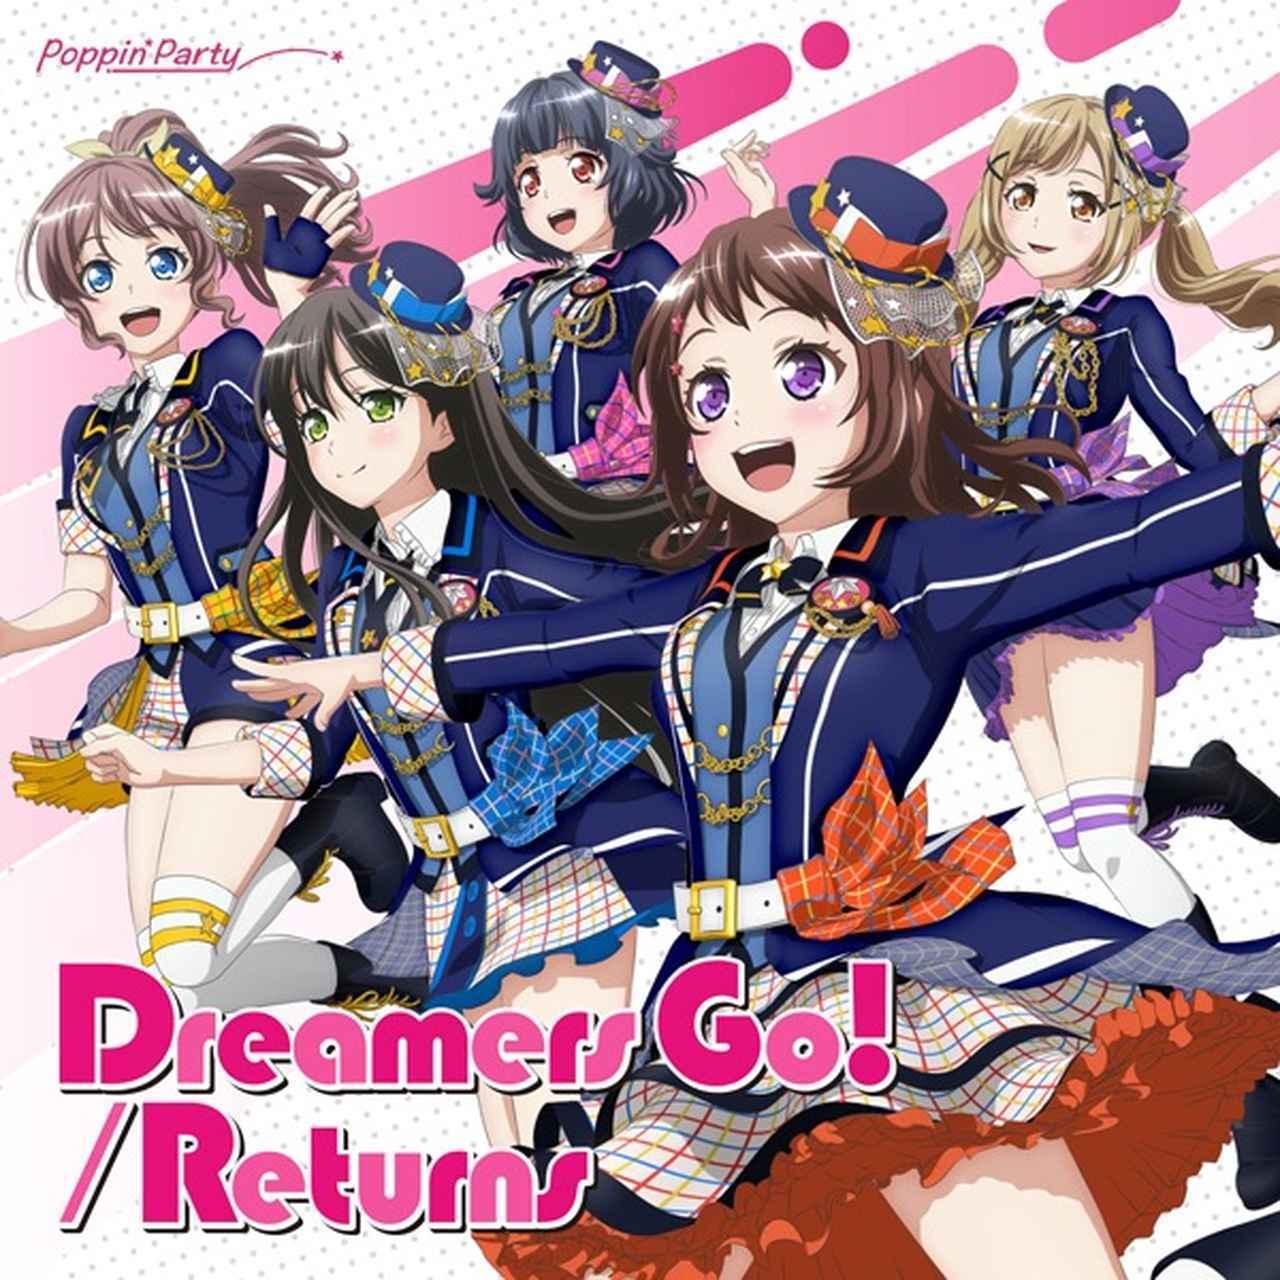 画像: Dreamers Go!/Returns/Poppin'Party